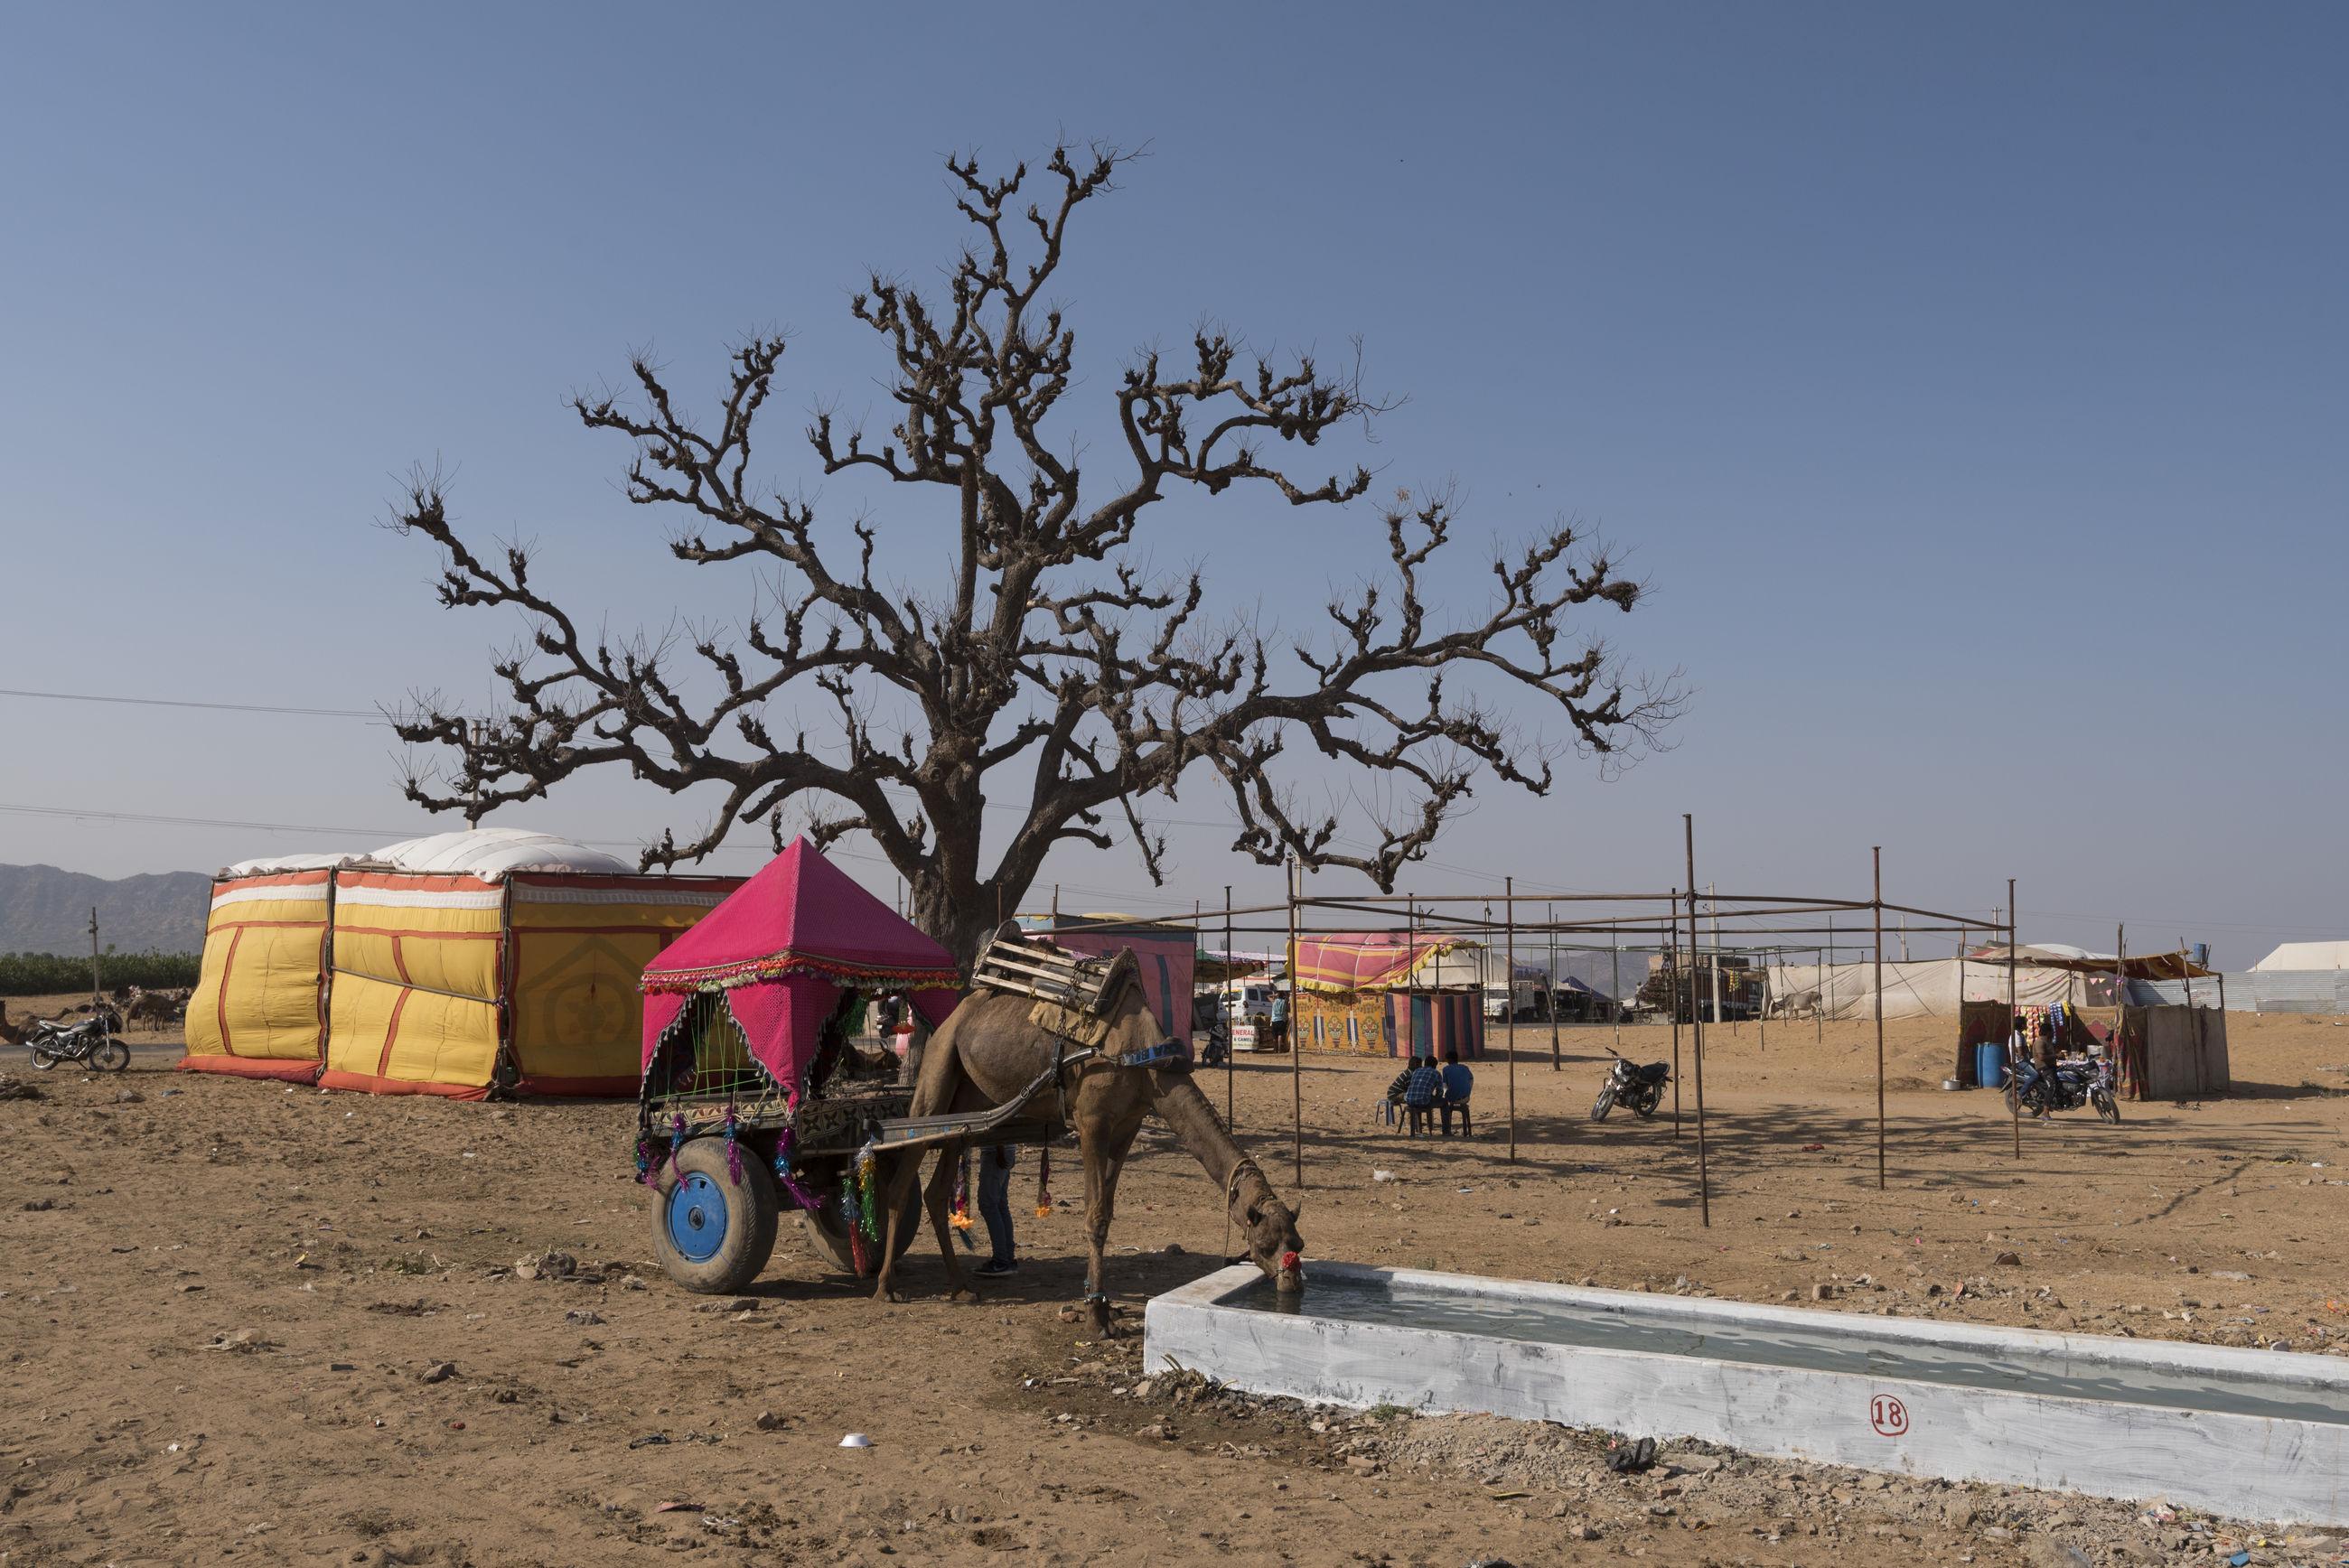 Camel cart against bare tree at desert